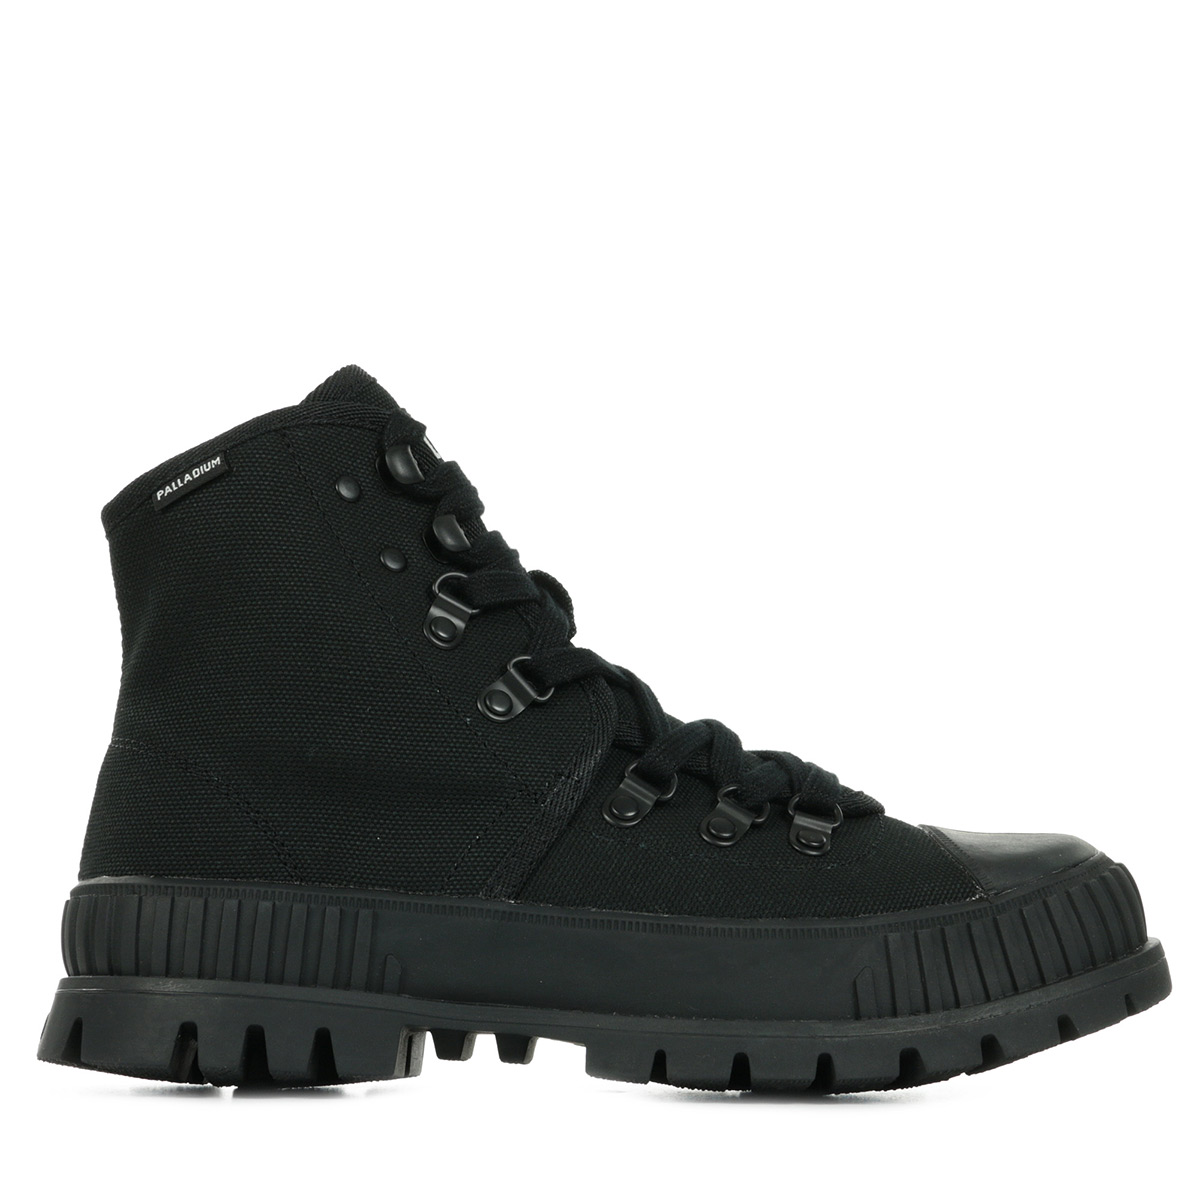 Chaussures Boots Palladium femme Pallashock Hiker Hi taille Noir Noire Textile